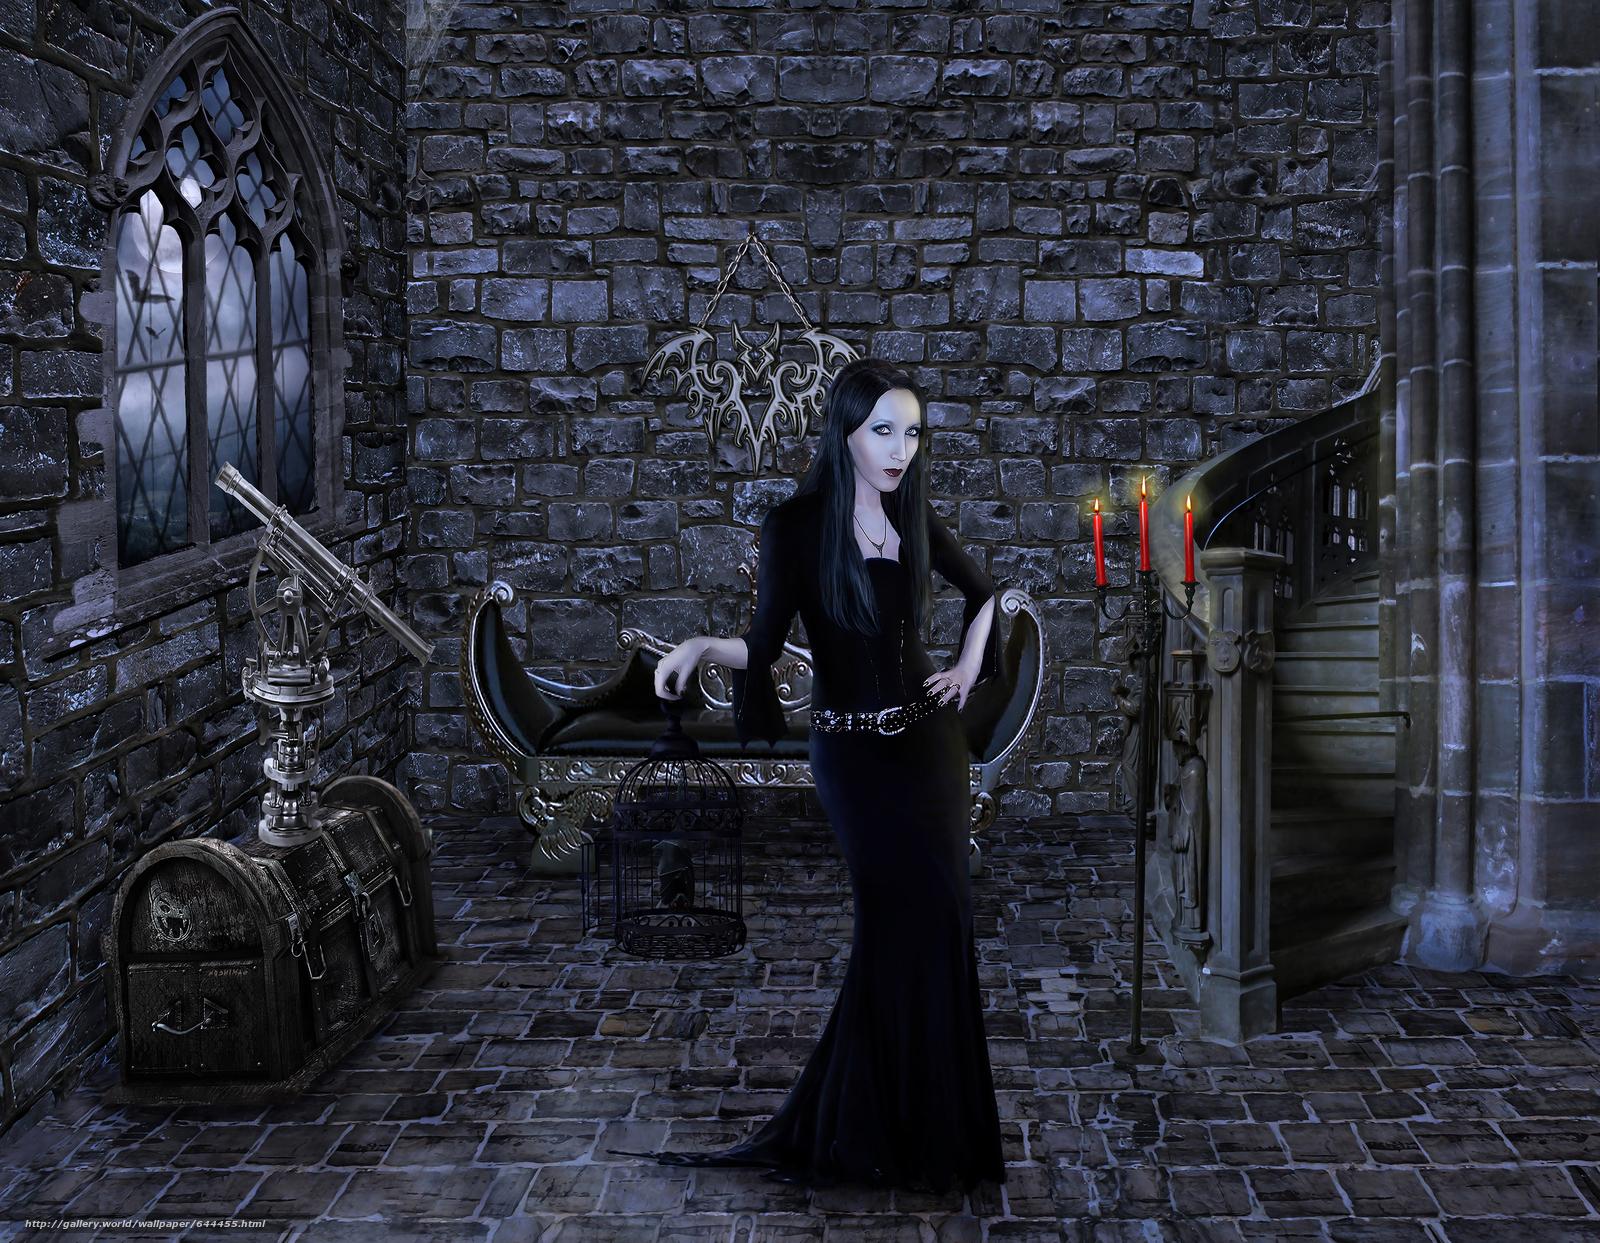 pobra tapety zamek,  pokój,  dziewczyna Darmowe tapety na pulpit rozdzielczoci 3000x2330 — zdjcie №644455